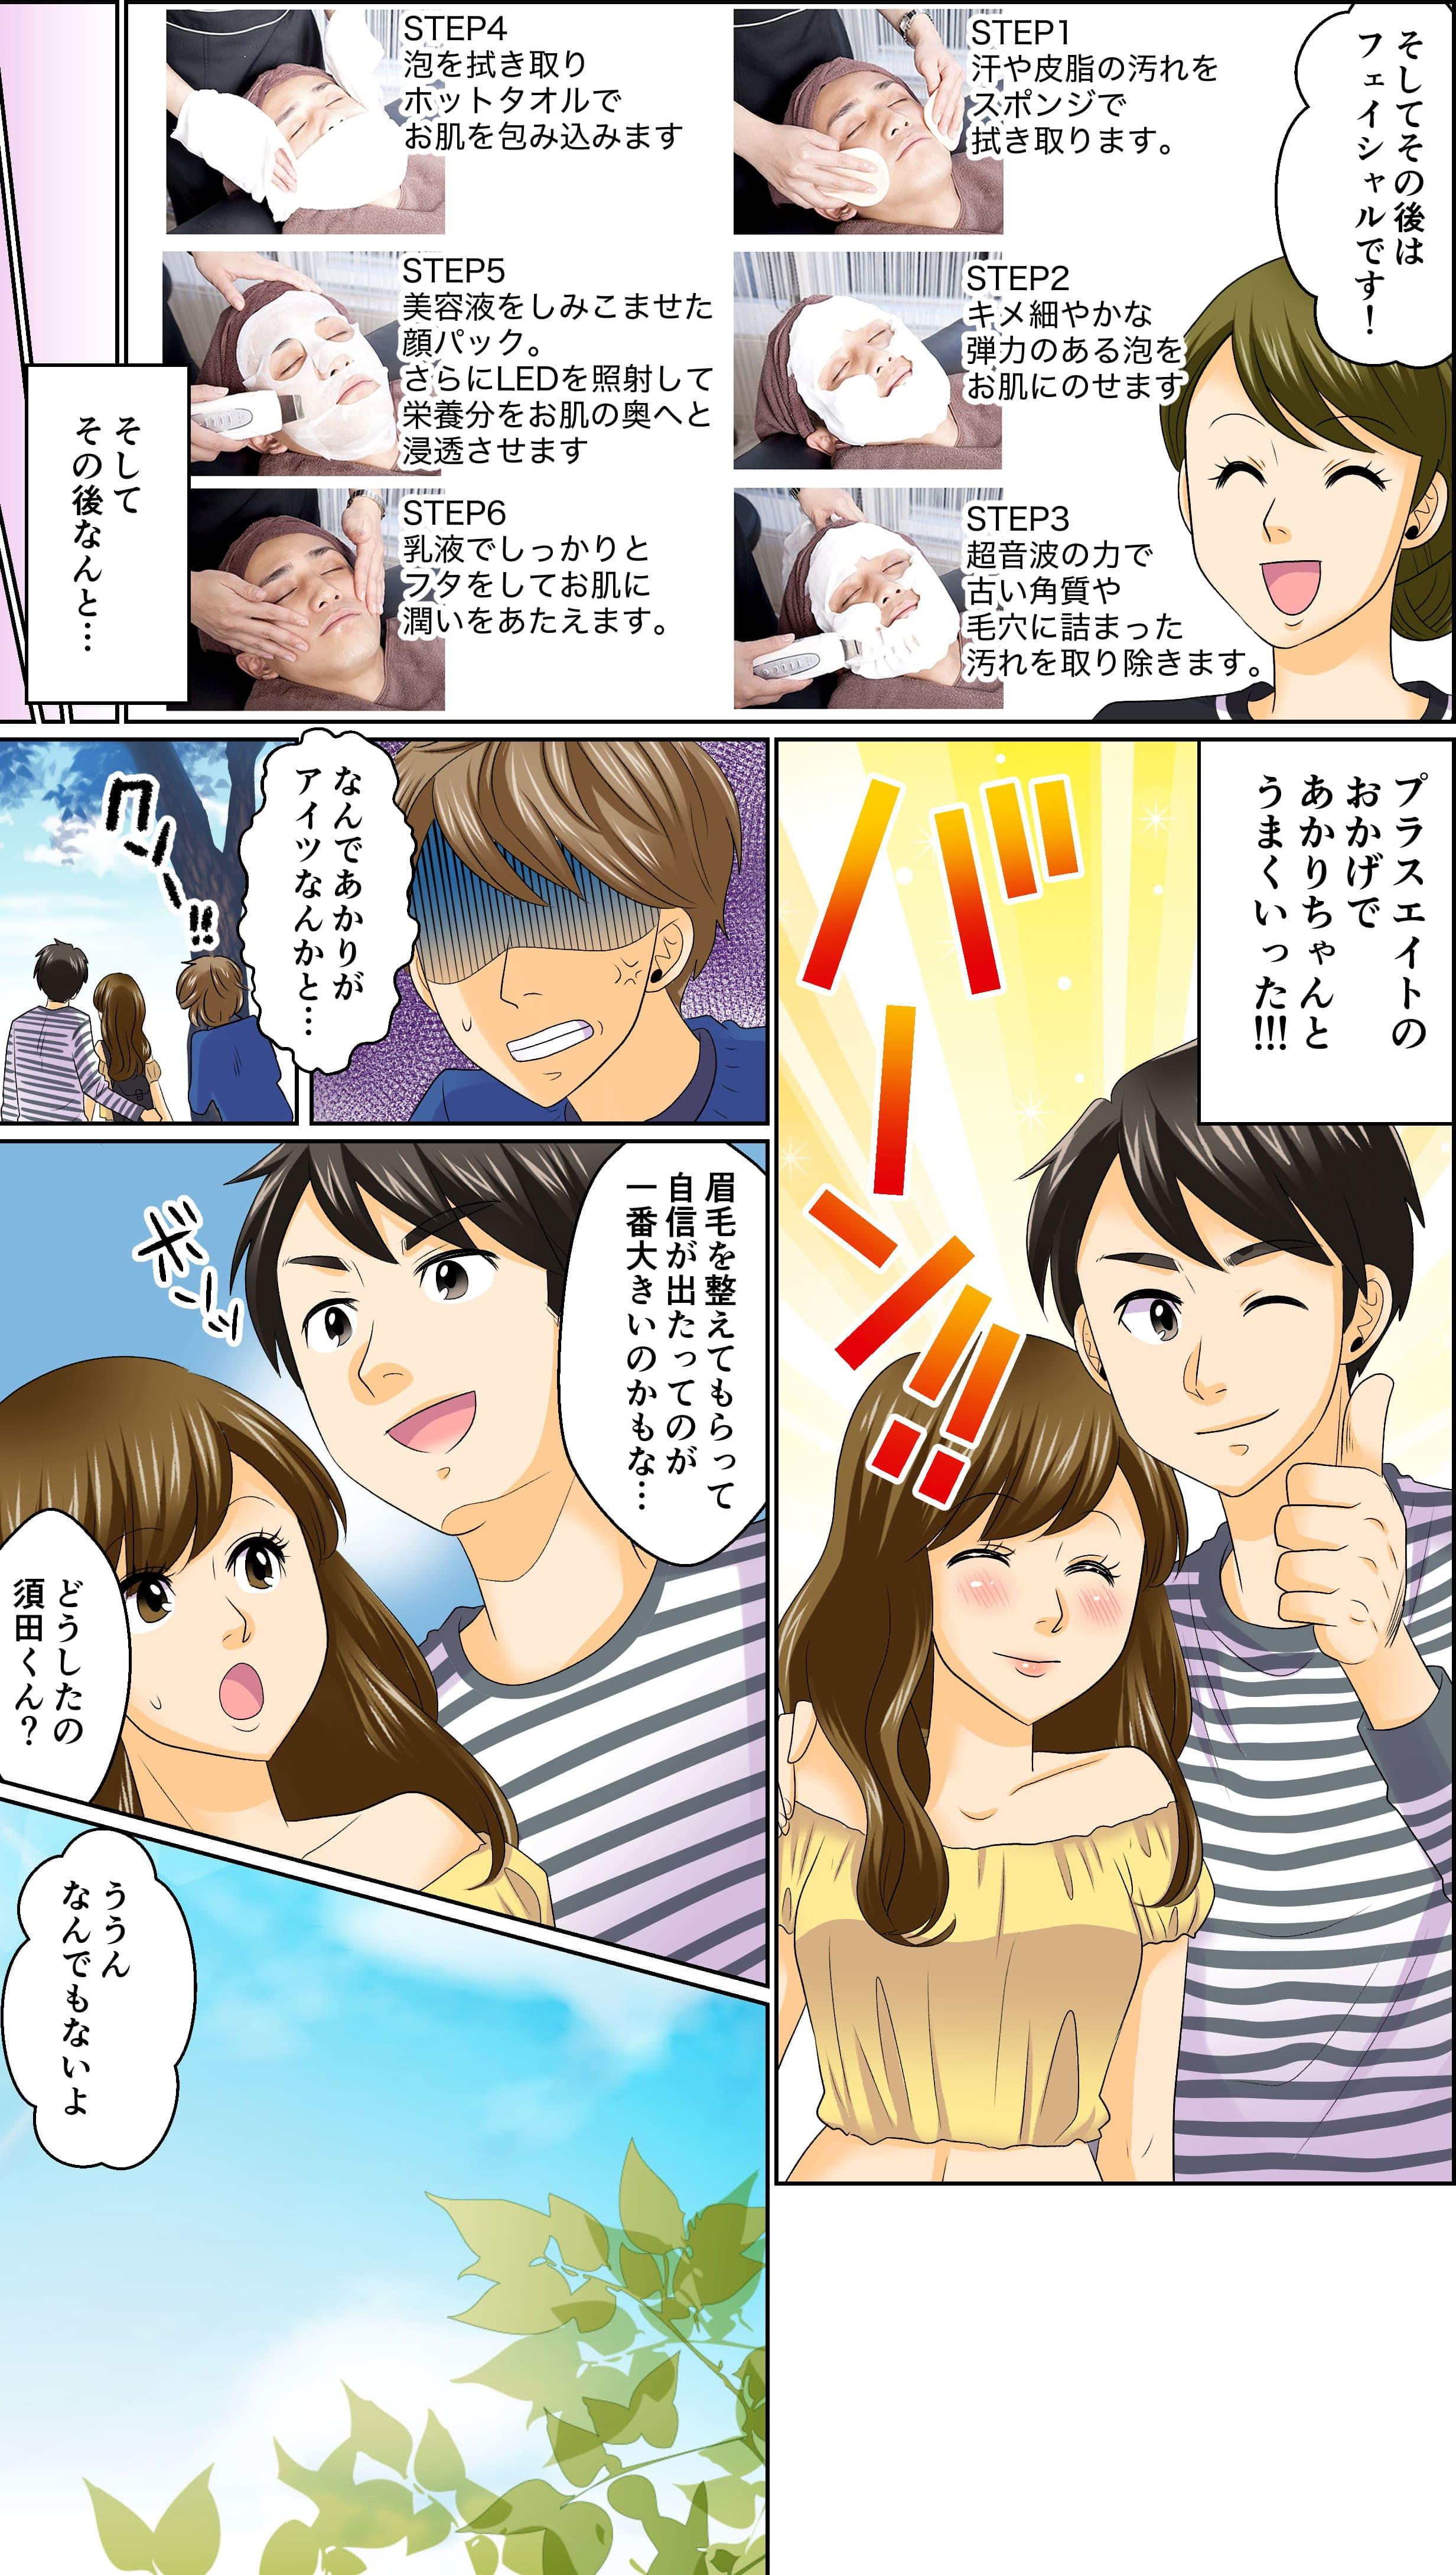 眉毛施術【女子モテる】5